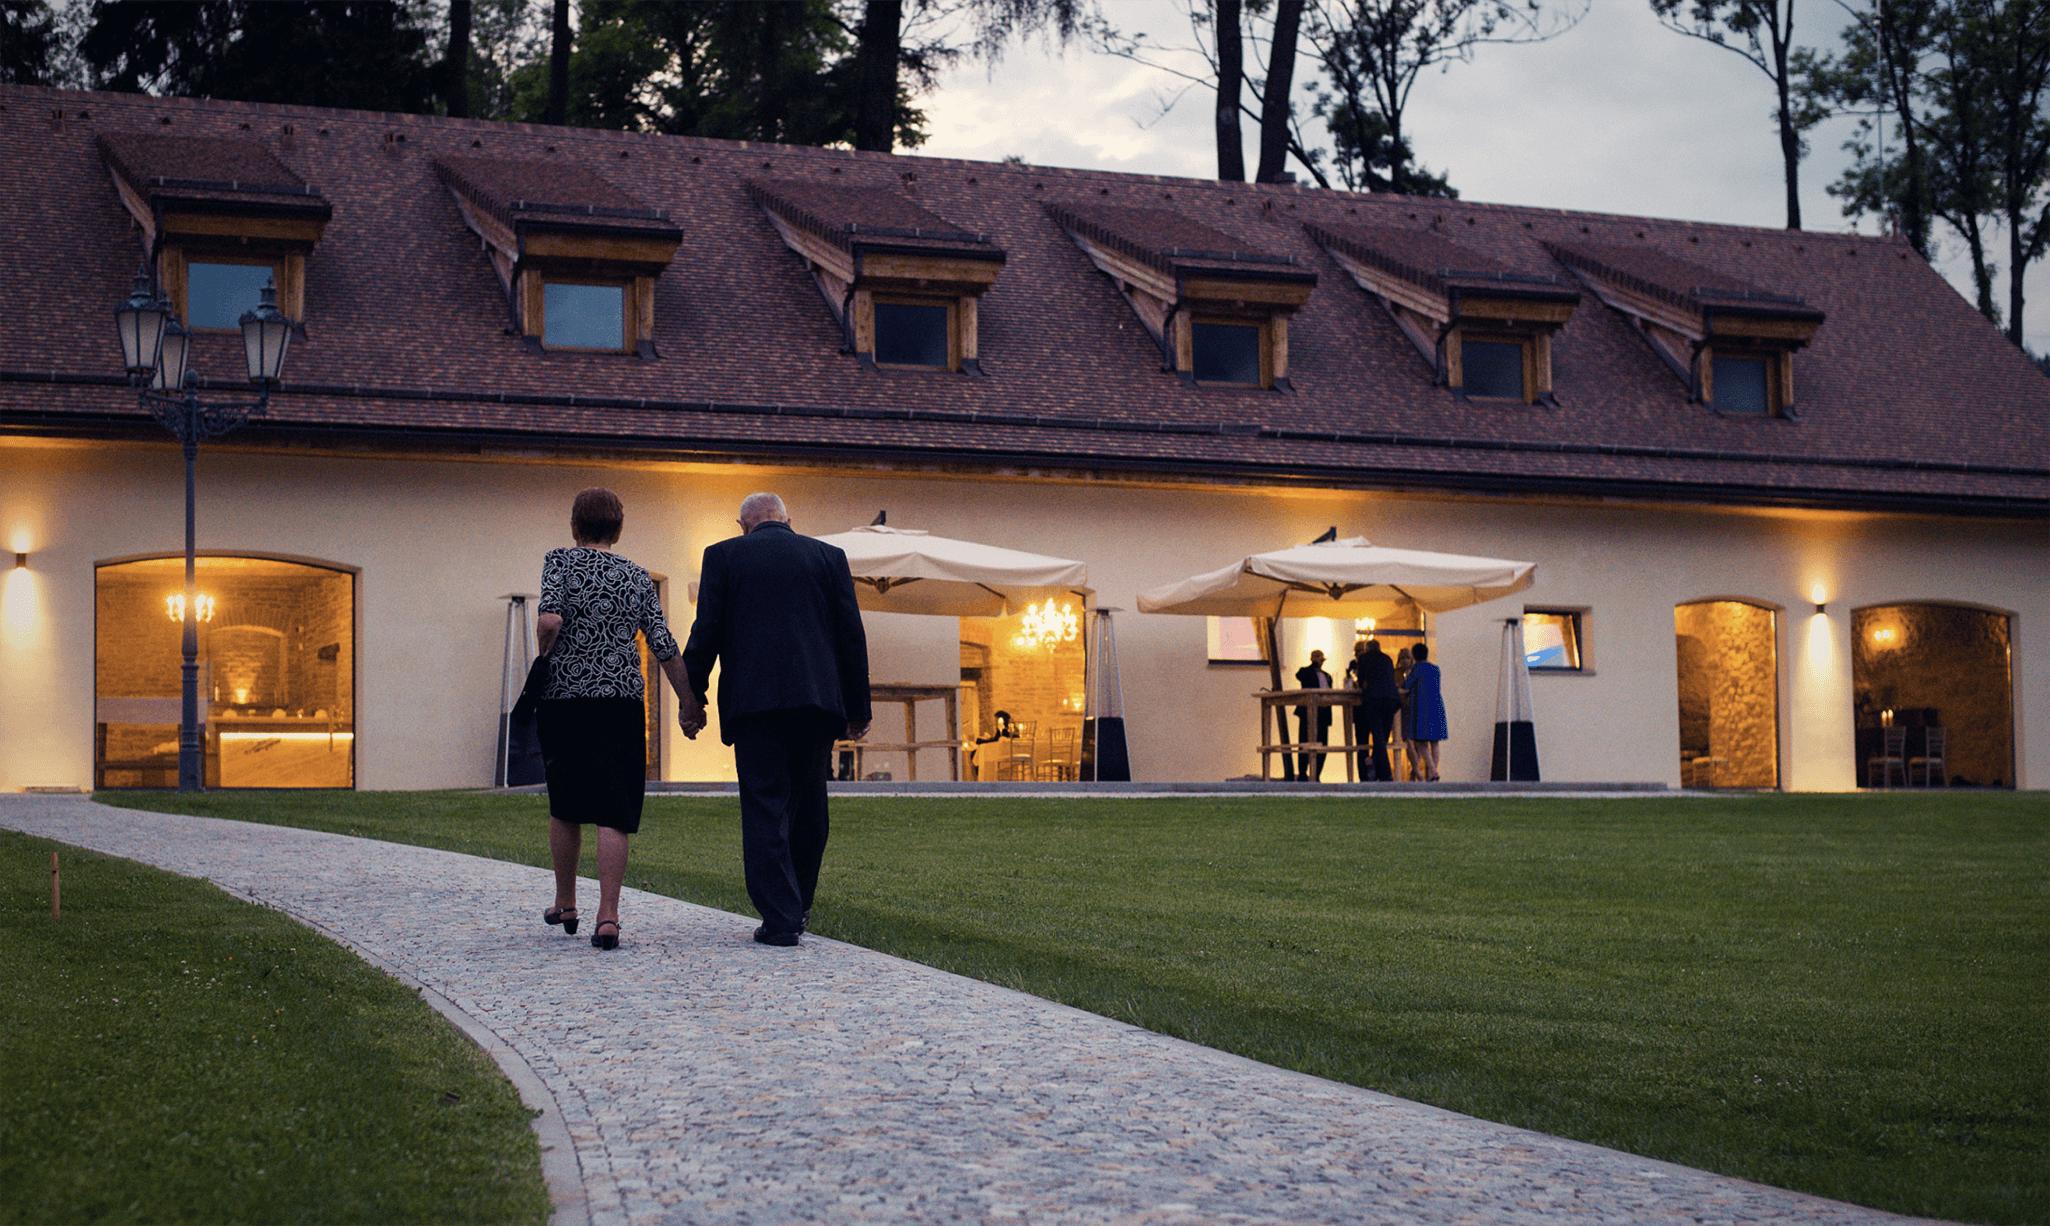 Starší lidé jdou směrem ke krásné budově v podvečer.